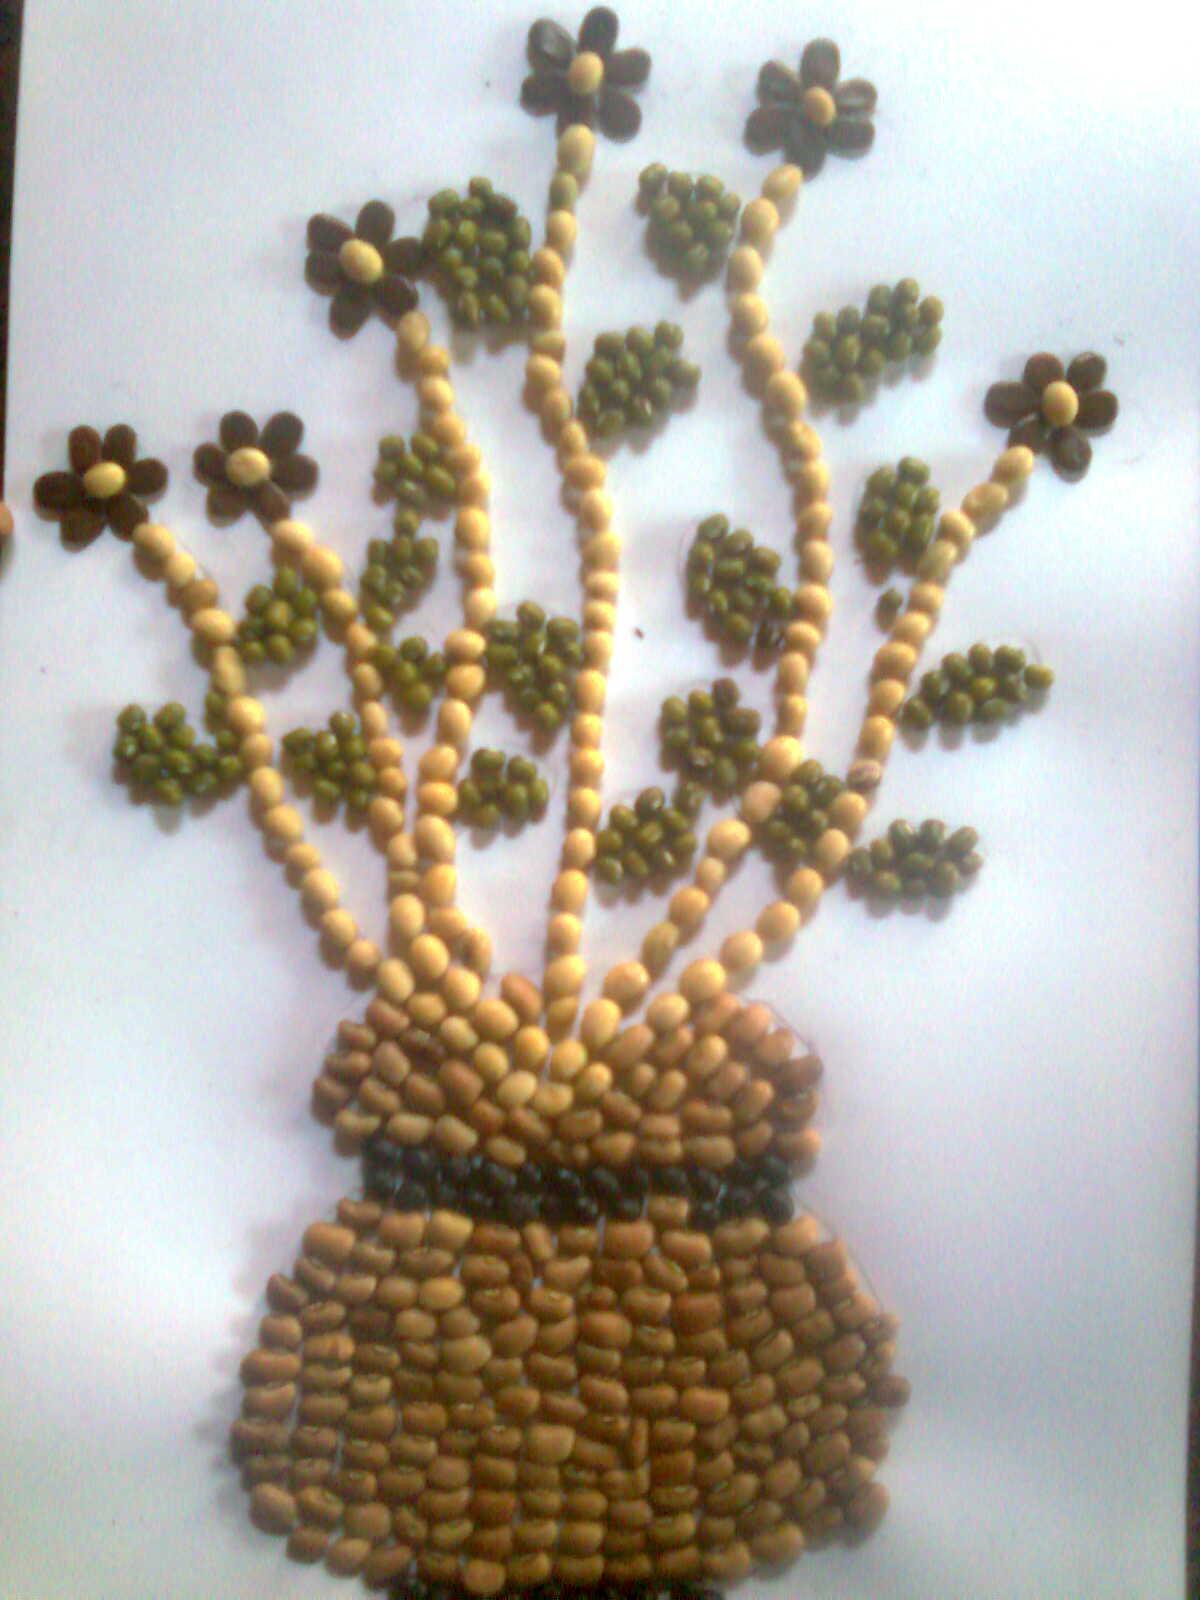 Membuat Mozaik atau Kolase Unik dari Bahan Biji-bijian ...